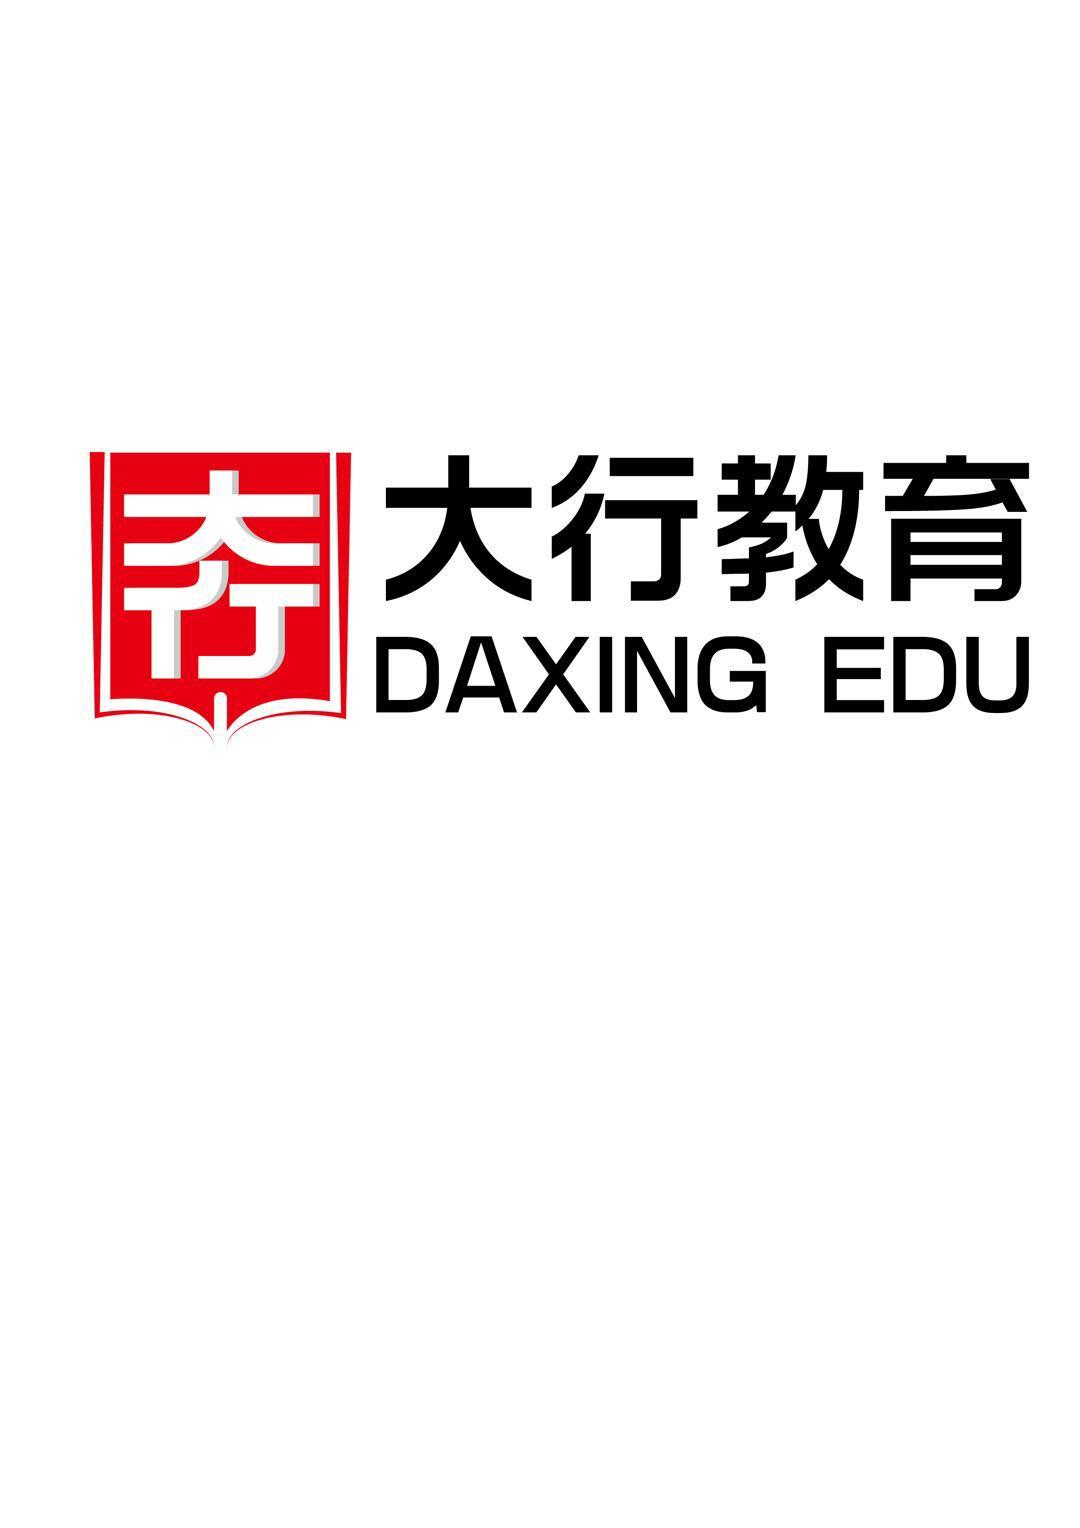 南通市崇川區大行課外教育培訓中心有限公司